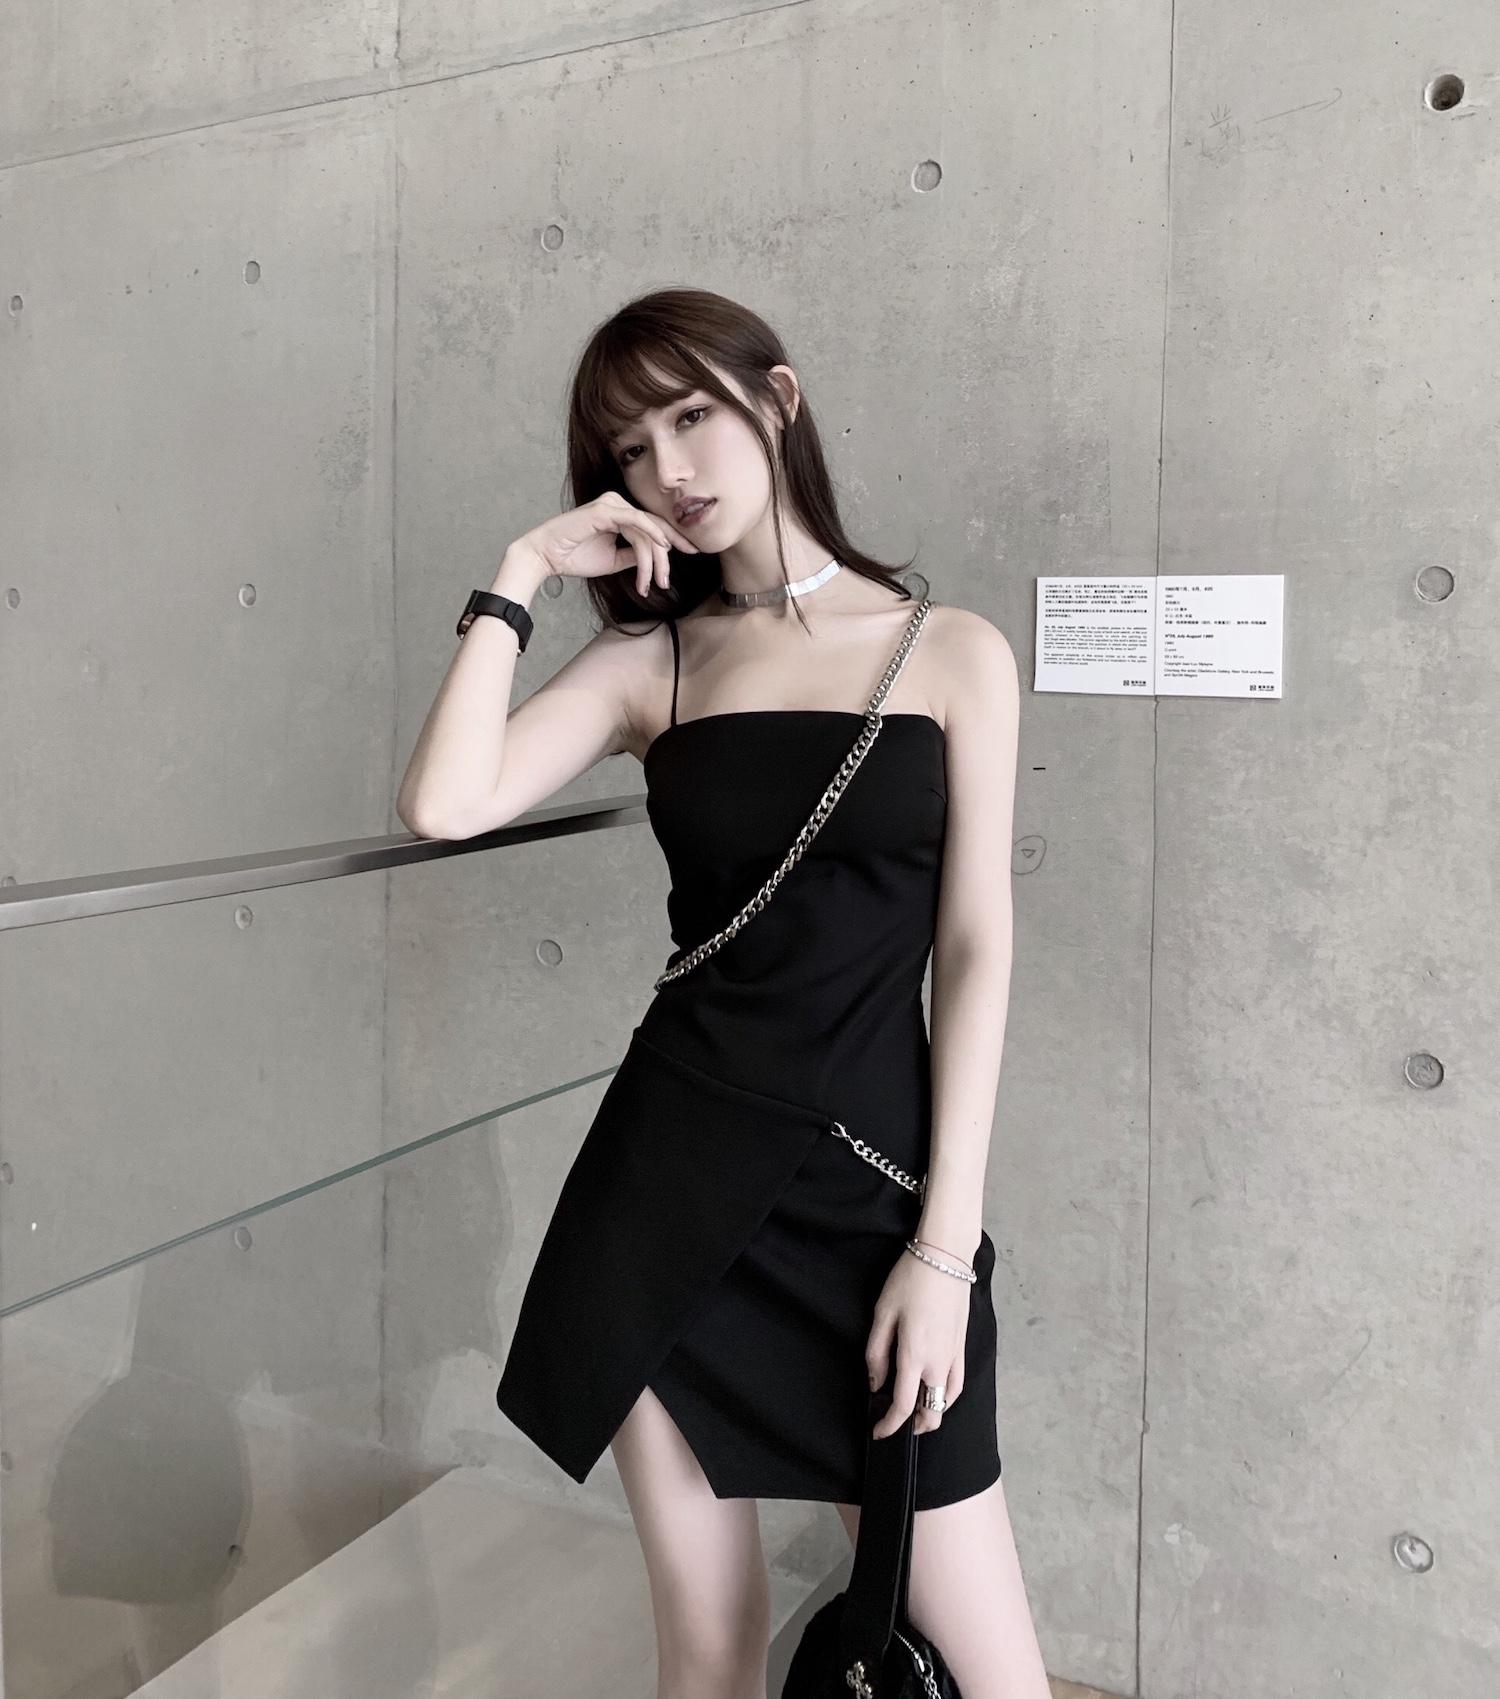 CHICYOU链条不规则肩带吊带黑色搭扣修身显瘦装饰开叉金属连衣裙